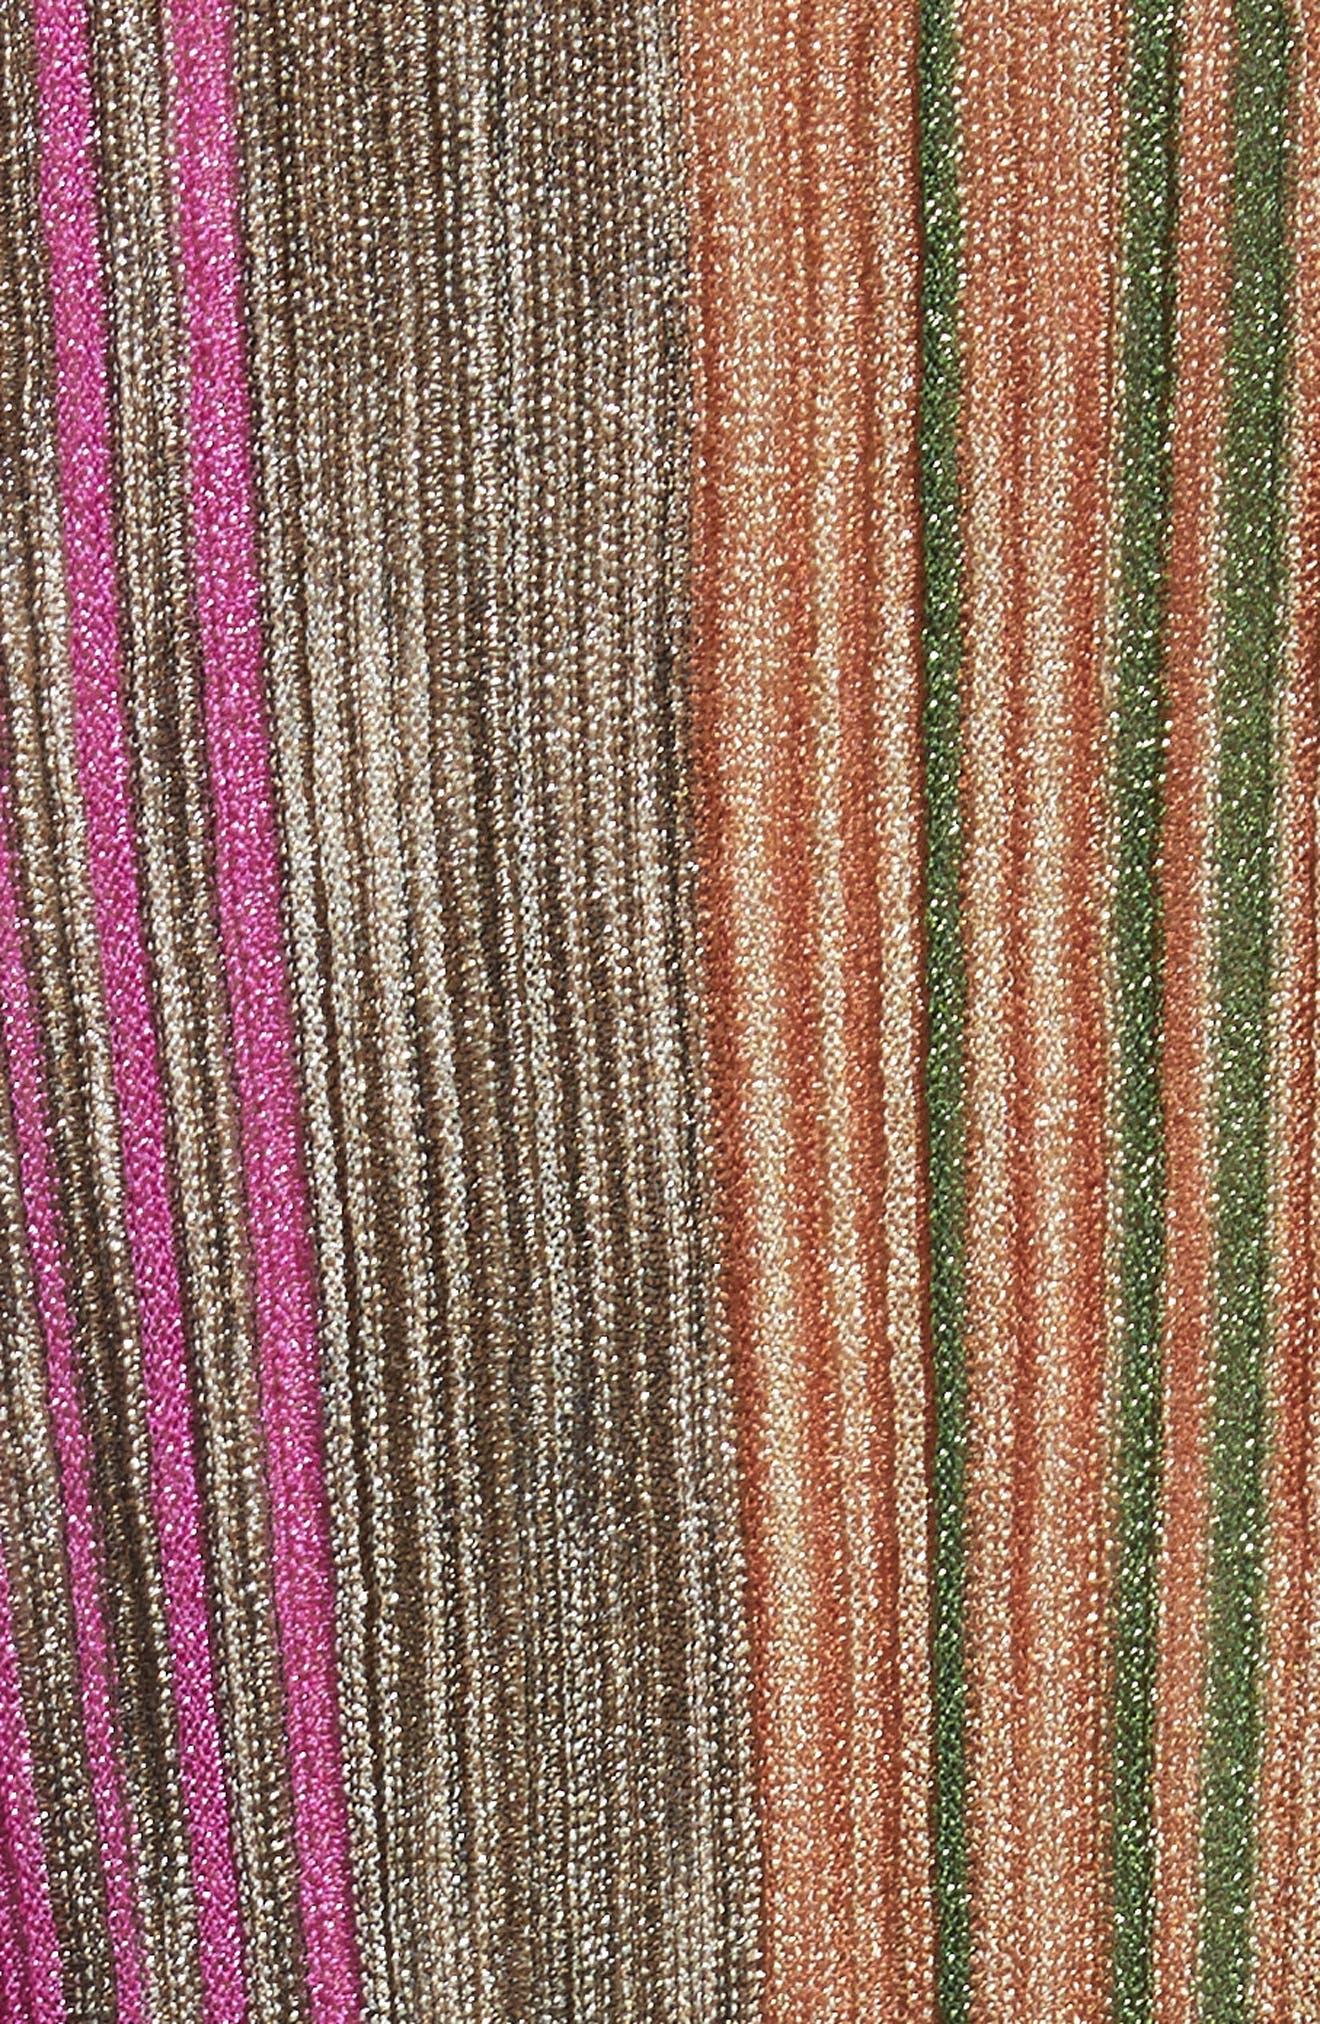 Reversible Metallic Stripe Knit Midi Dress,                             Alternate thumbnail 6, color,                             010